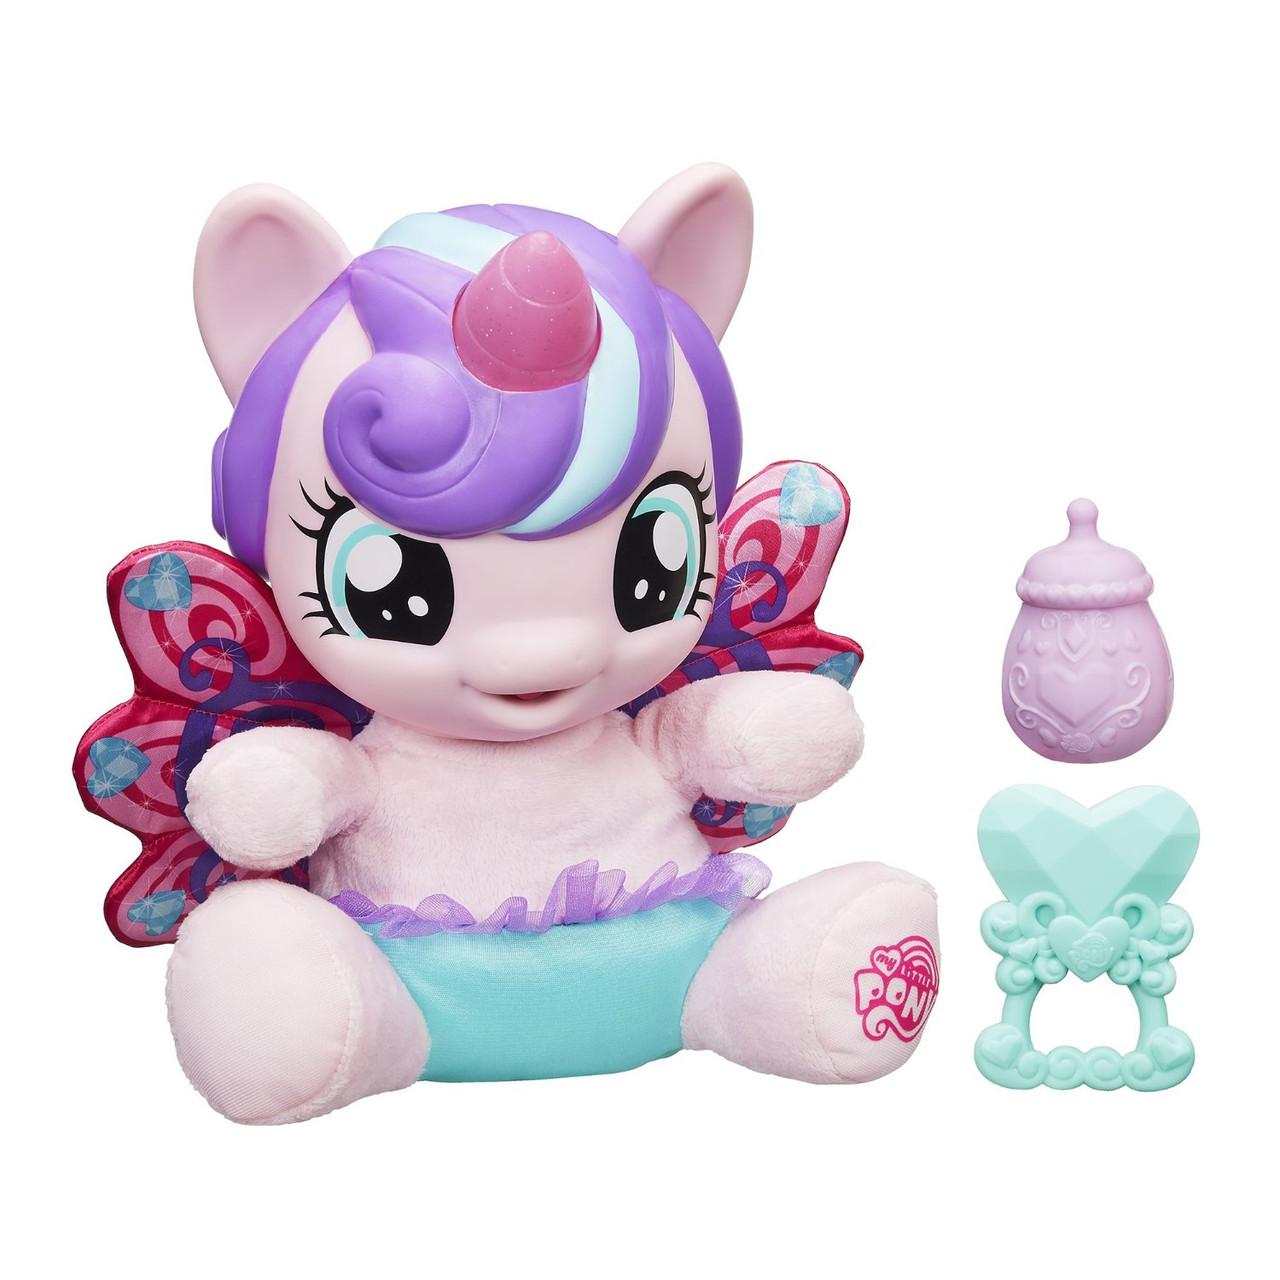 Пони малышка принцесса Фларри Харт интерактивная Flurry Heart My Little Pony на польском языке